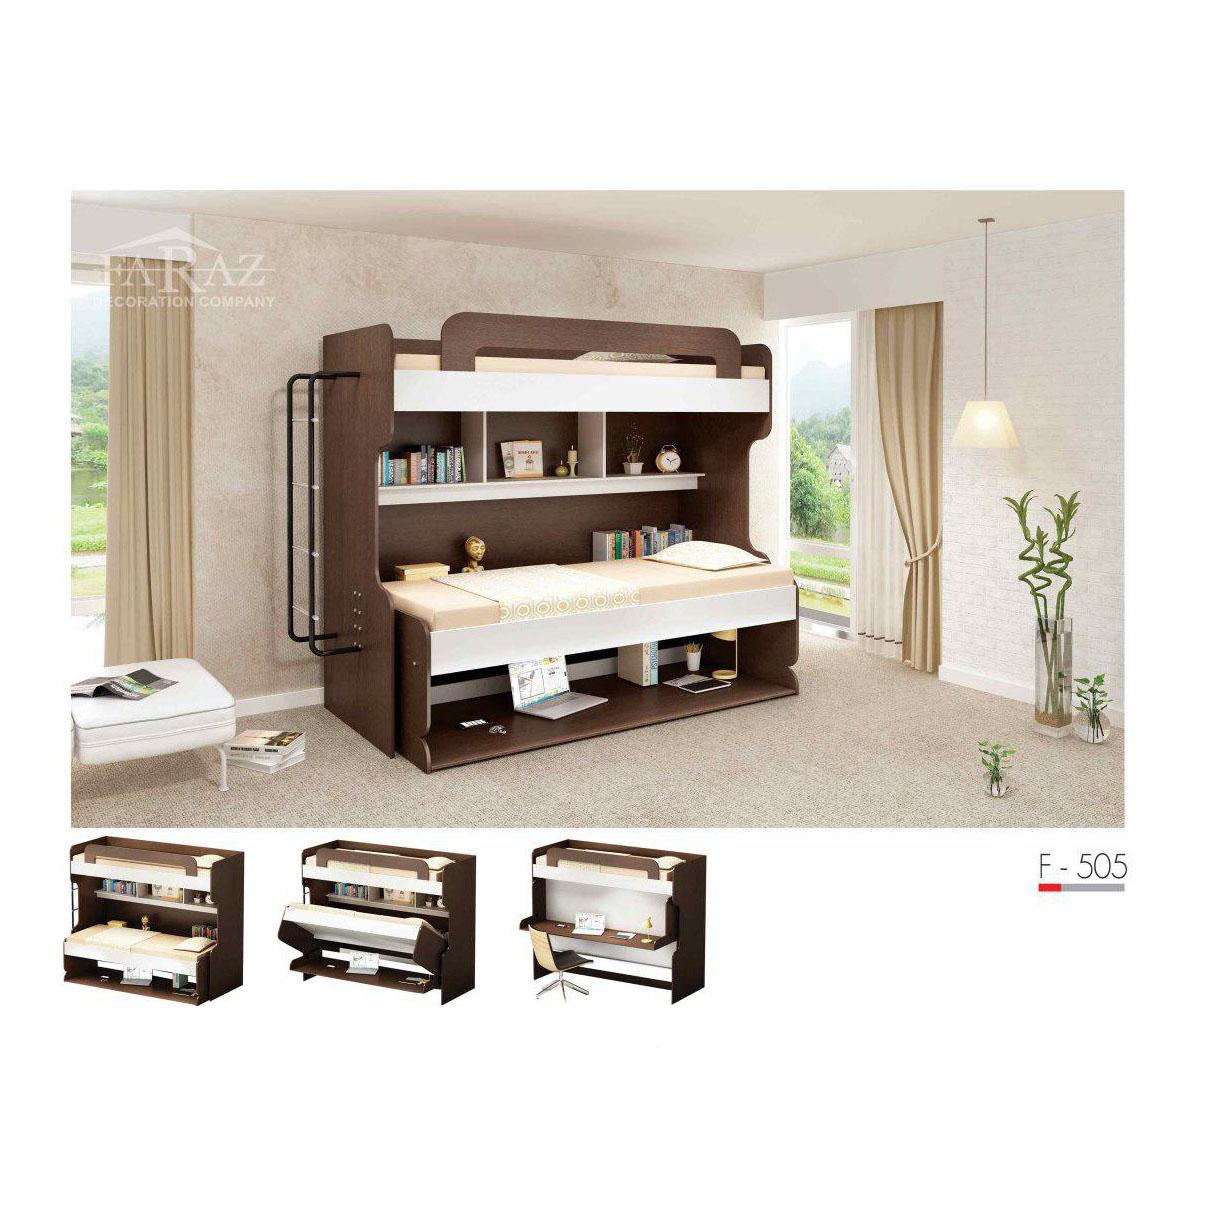 سرویس تخت خواب کم جا دوطبقه مدل F-505